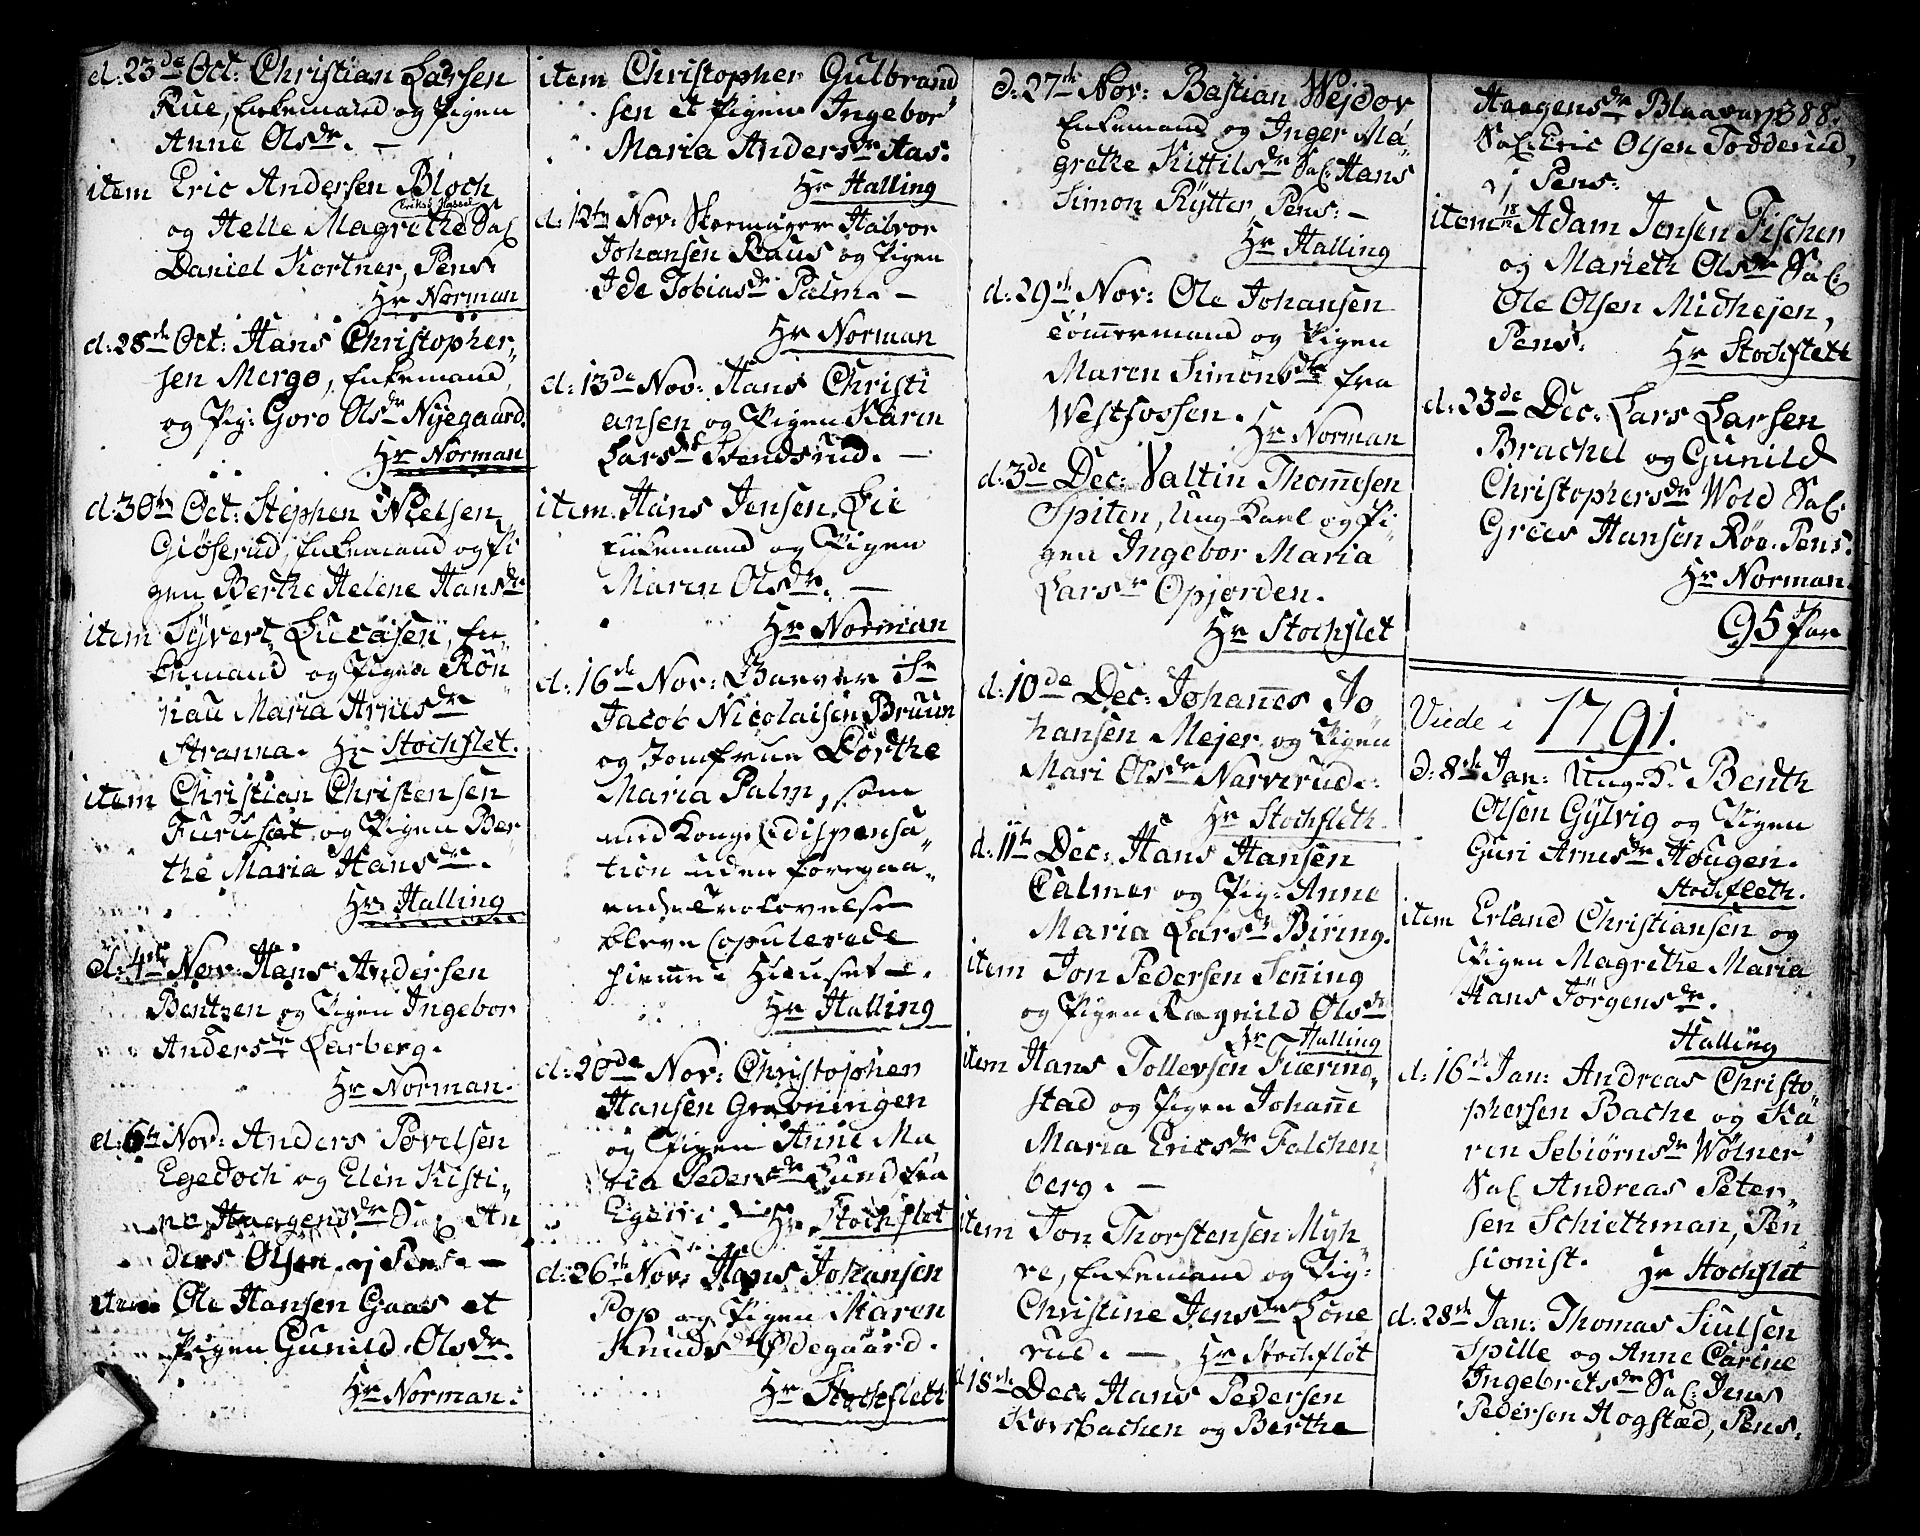 SAKO, Kongsberg kirkebøker, F/Fa/L0006: Ministerialbok nr. I 6, 1783-1797, s. 388